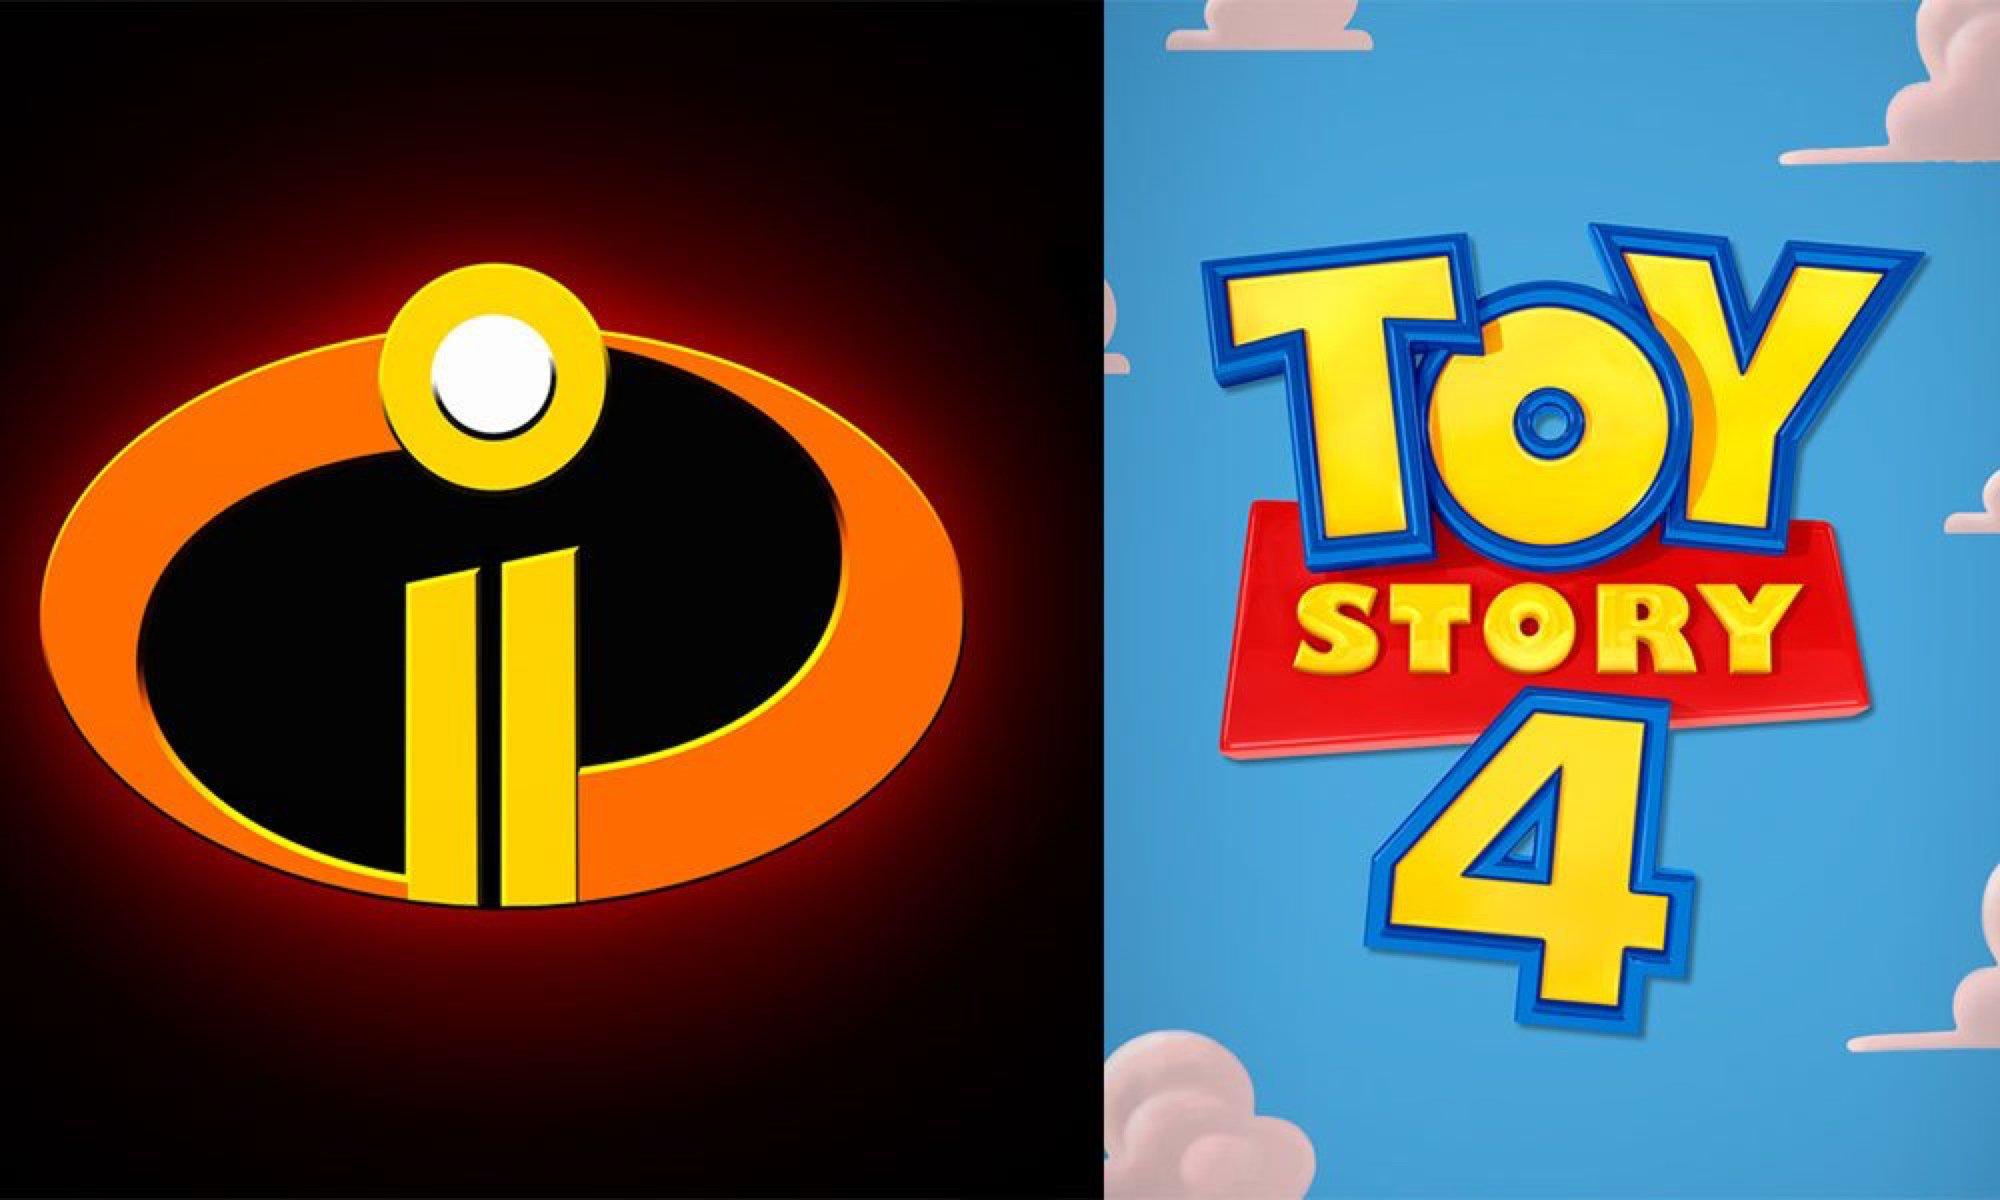 Los Increíbles 2 Toy Story 4 - www.culturageek.com.ar